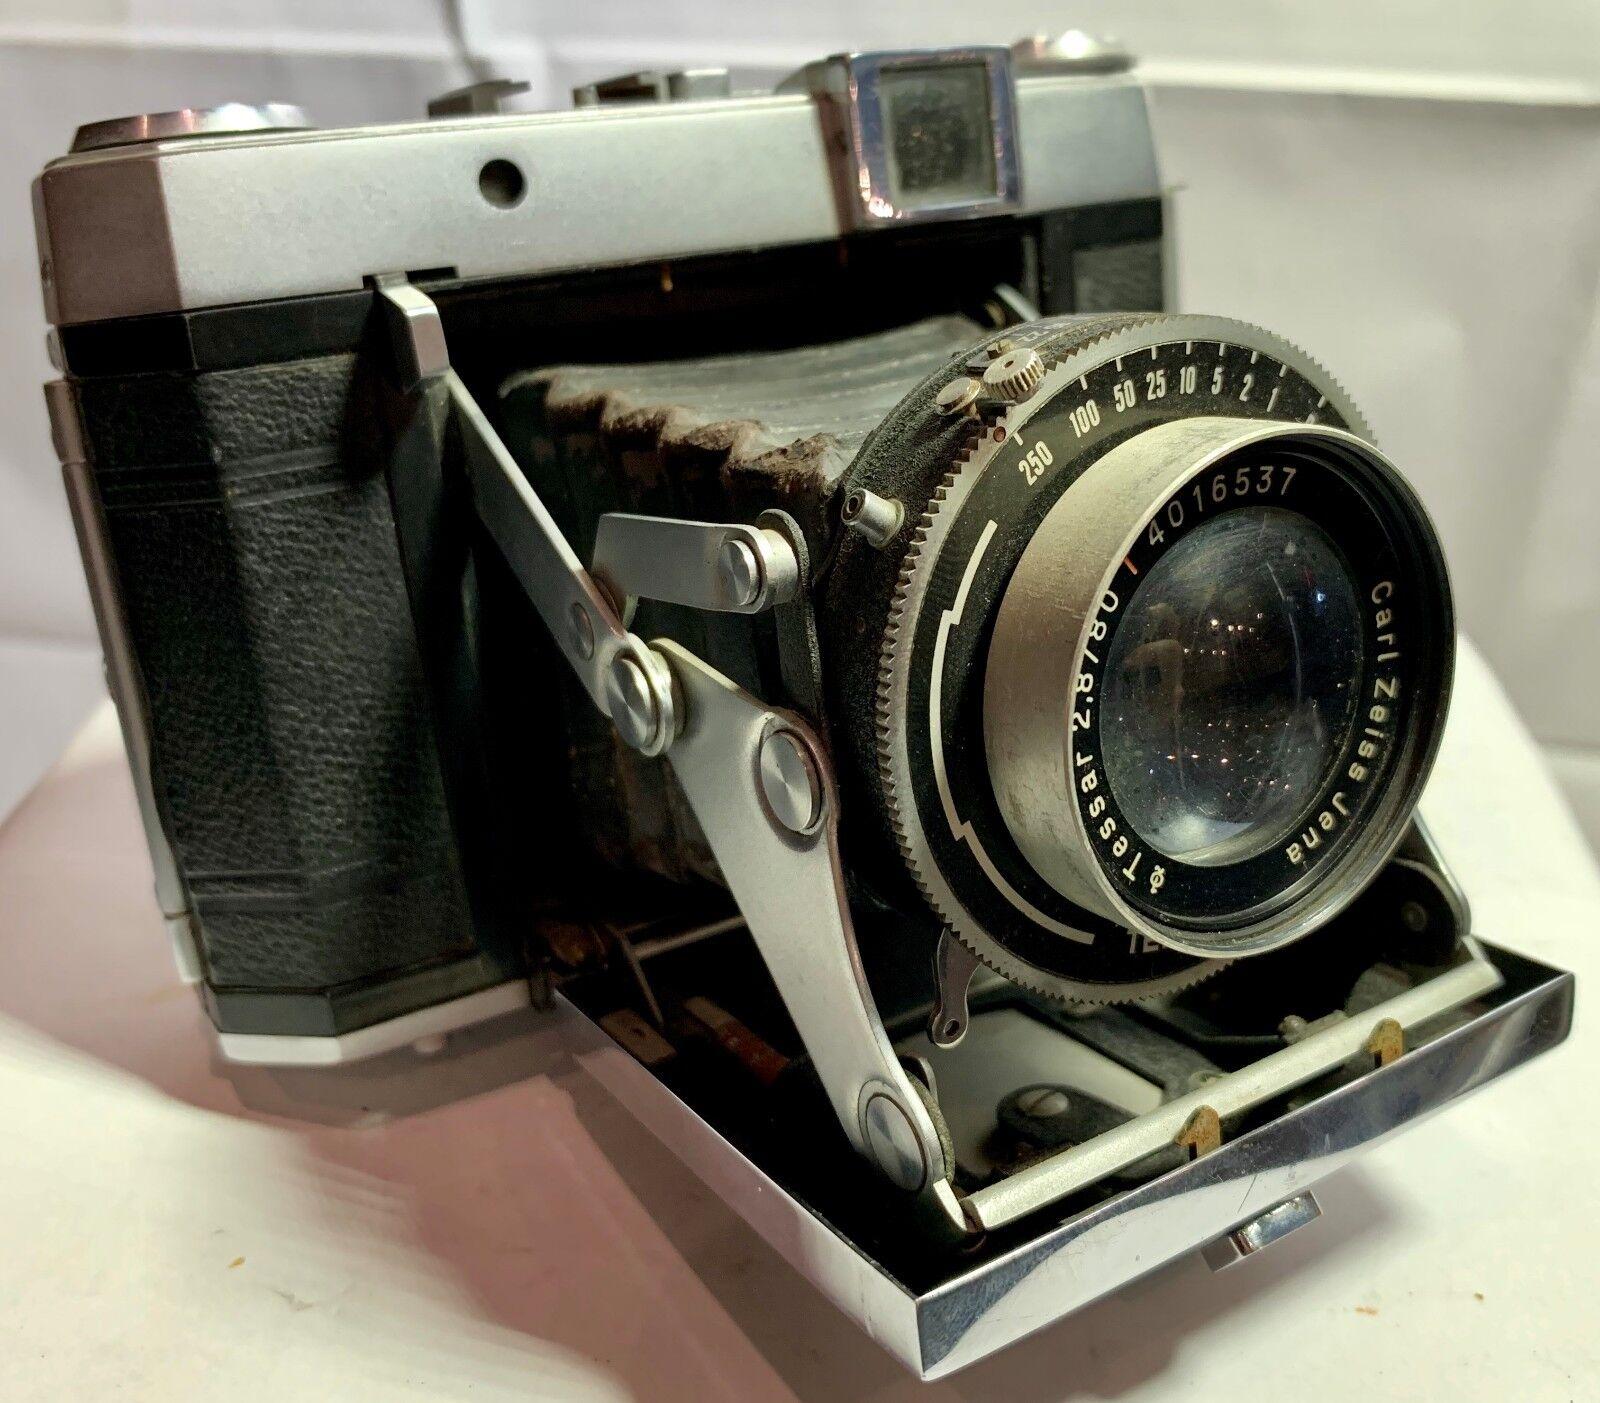 Какой фотоаппарат делает резкие снимки картинка семья